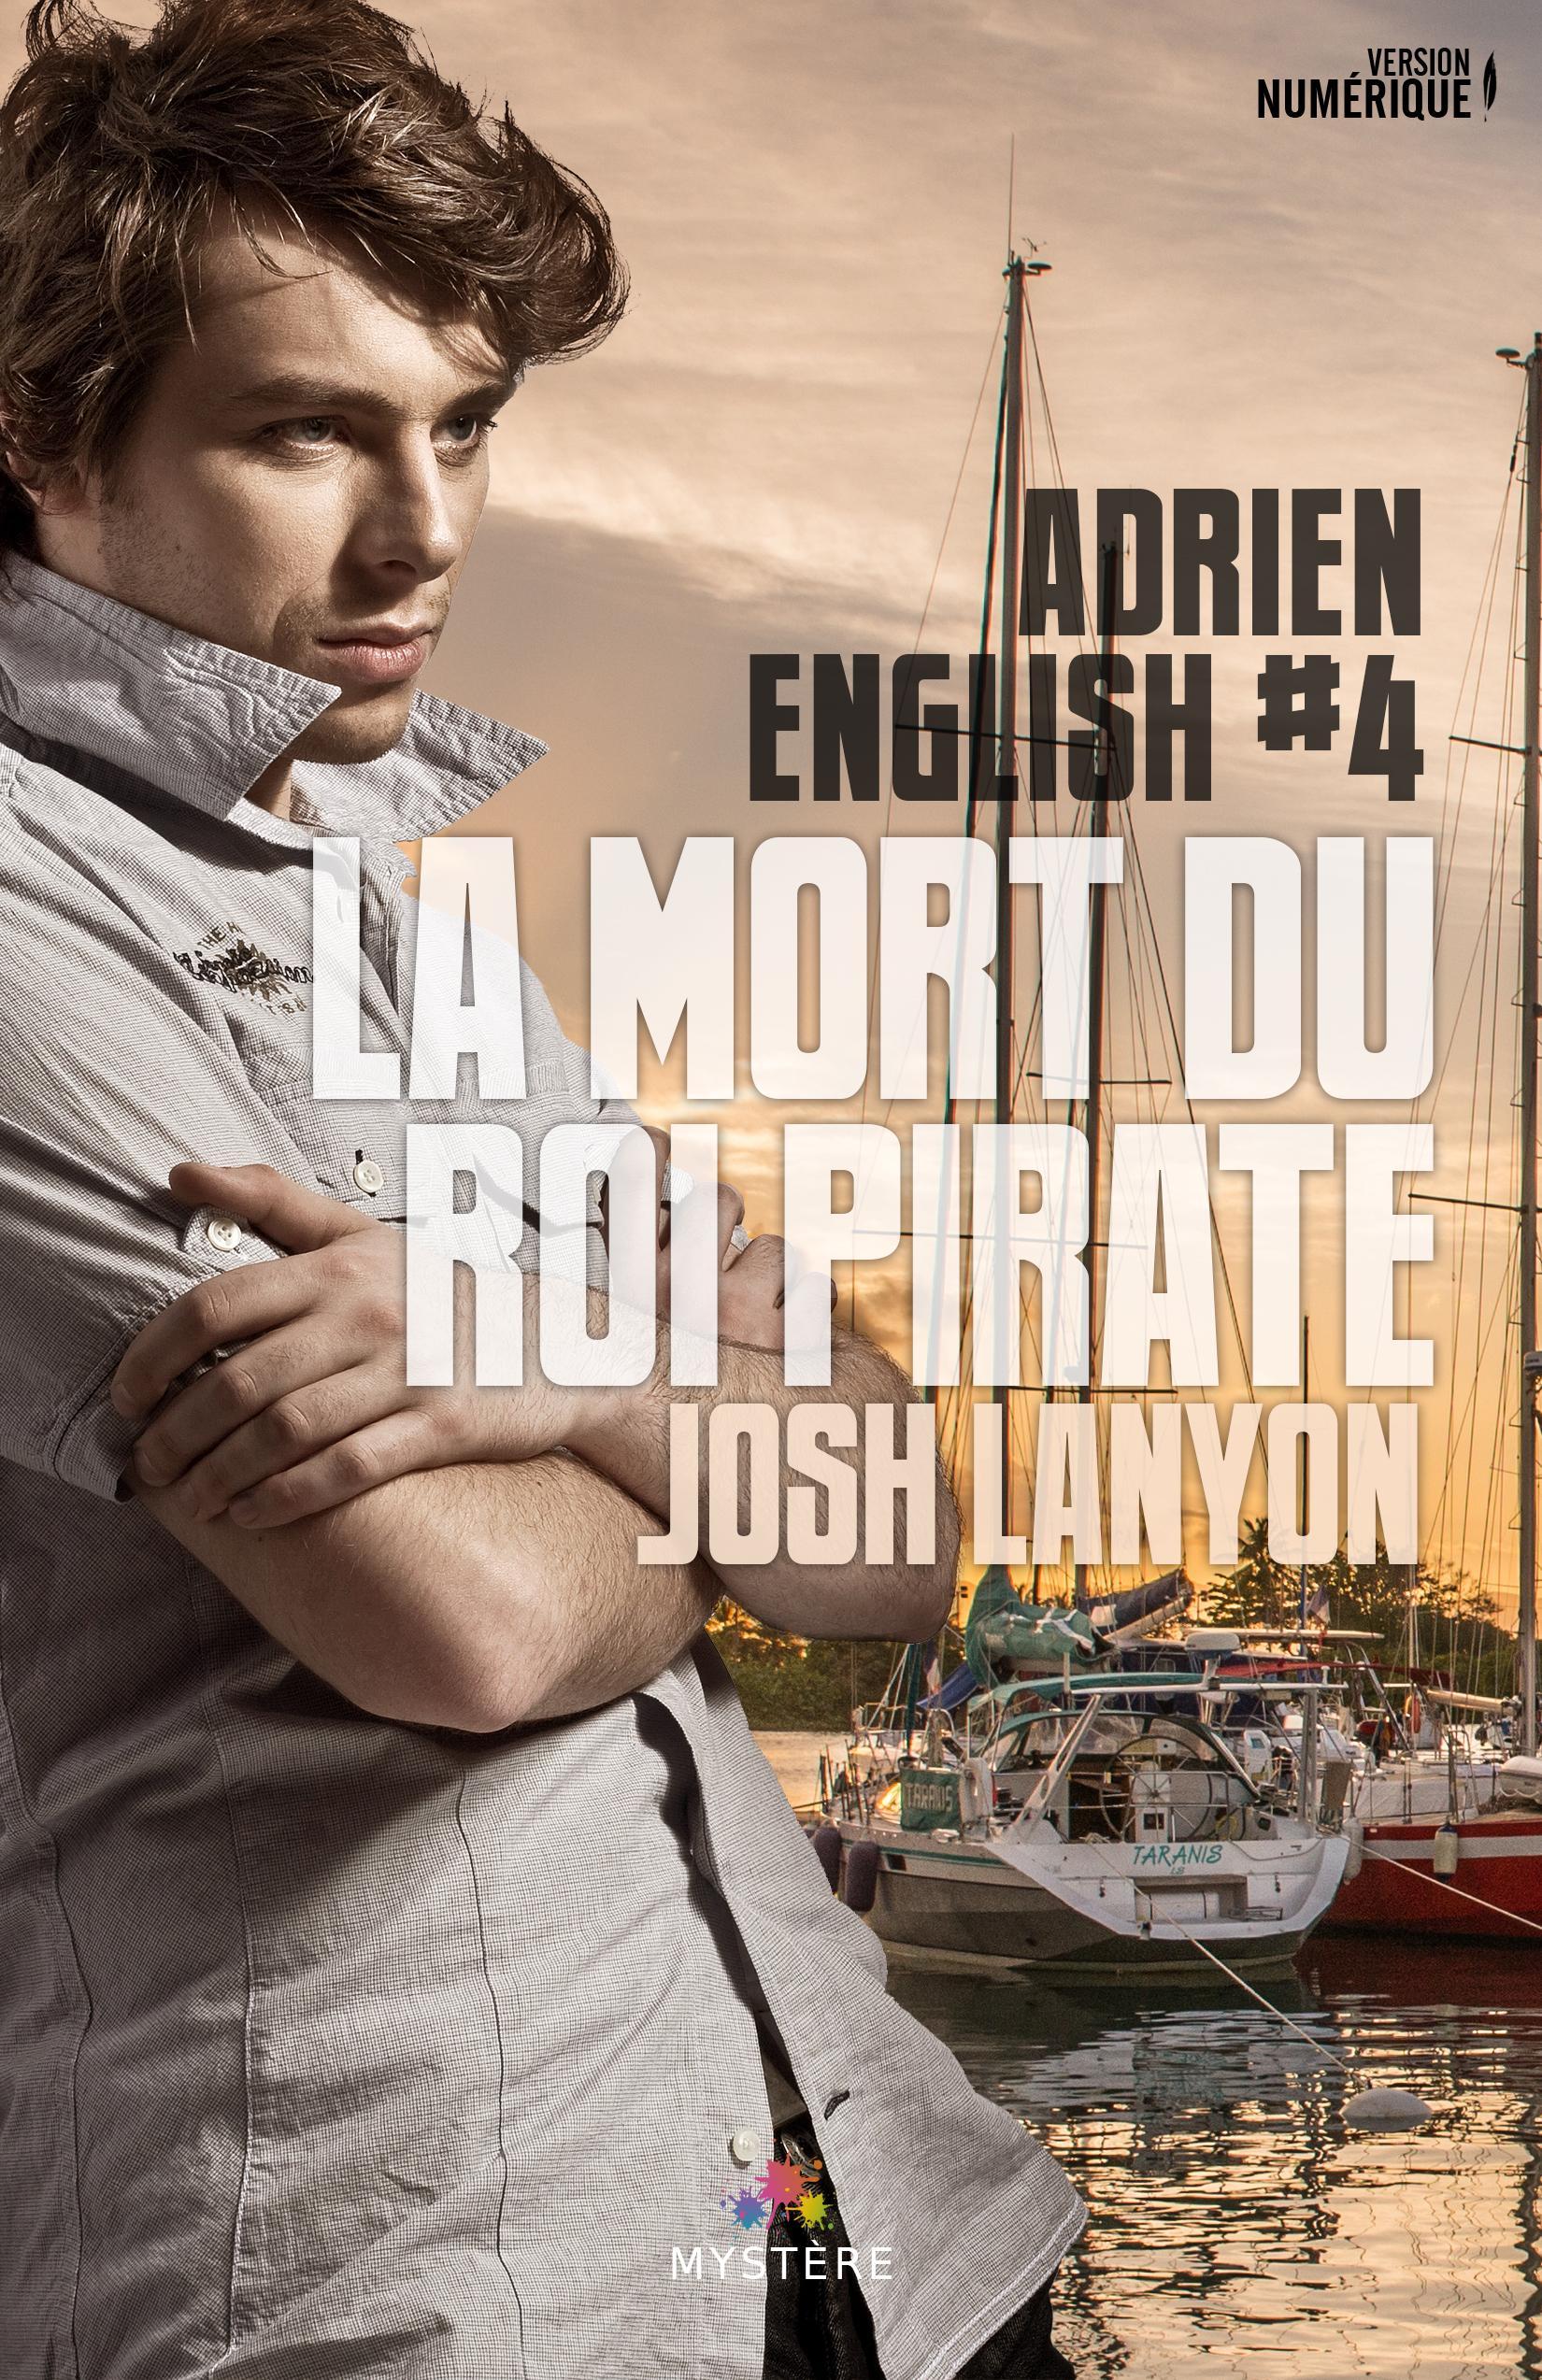 La mort du roi pirate, ADRIEN ENGLISH, T4